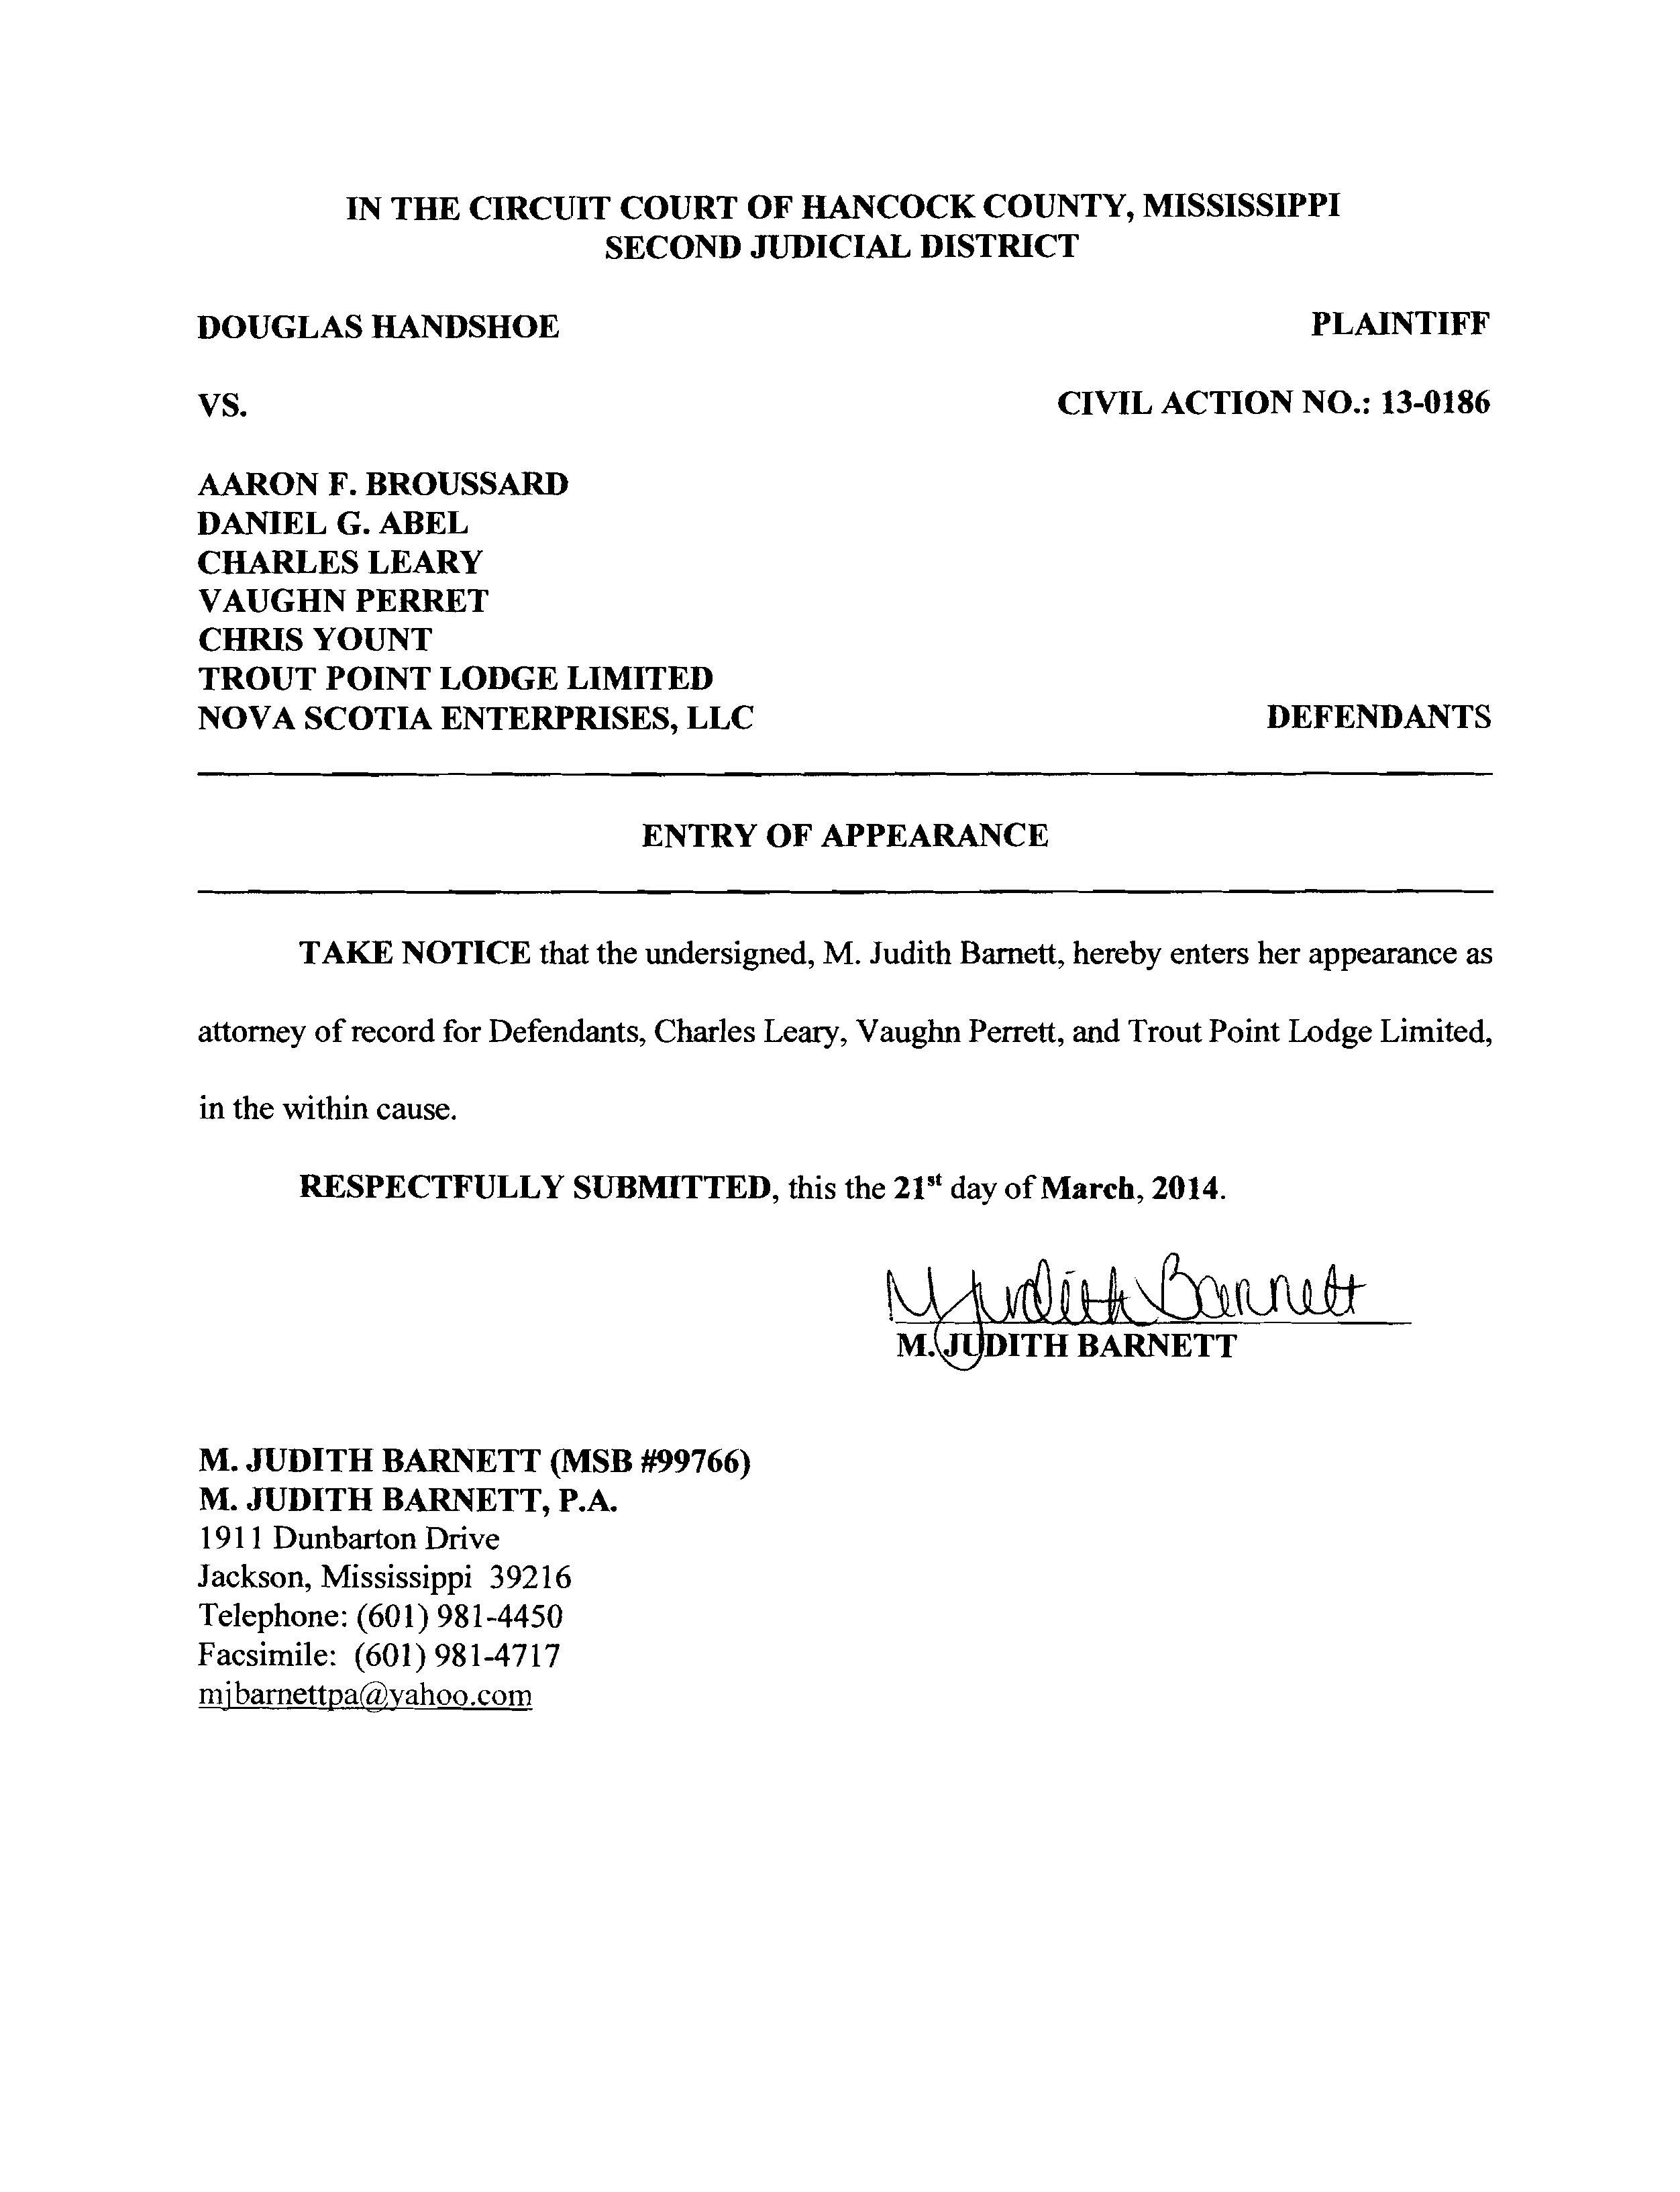 judith barnett attorney